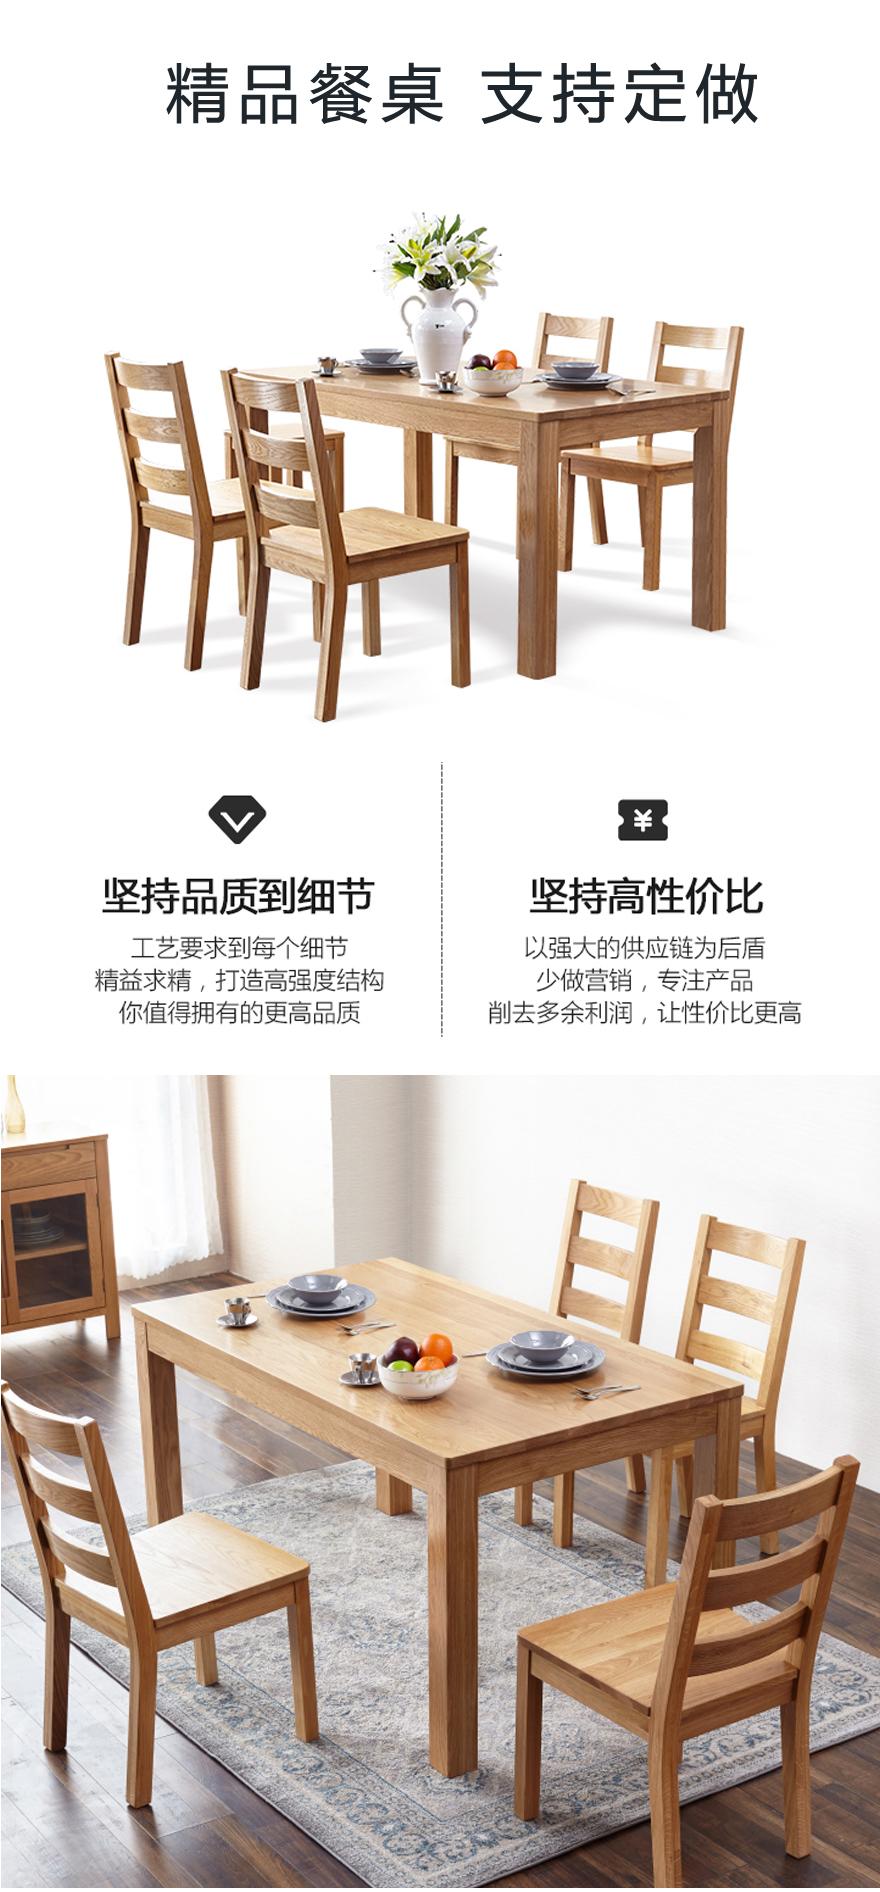 餐桌详情图副本